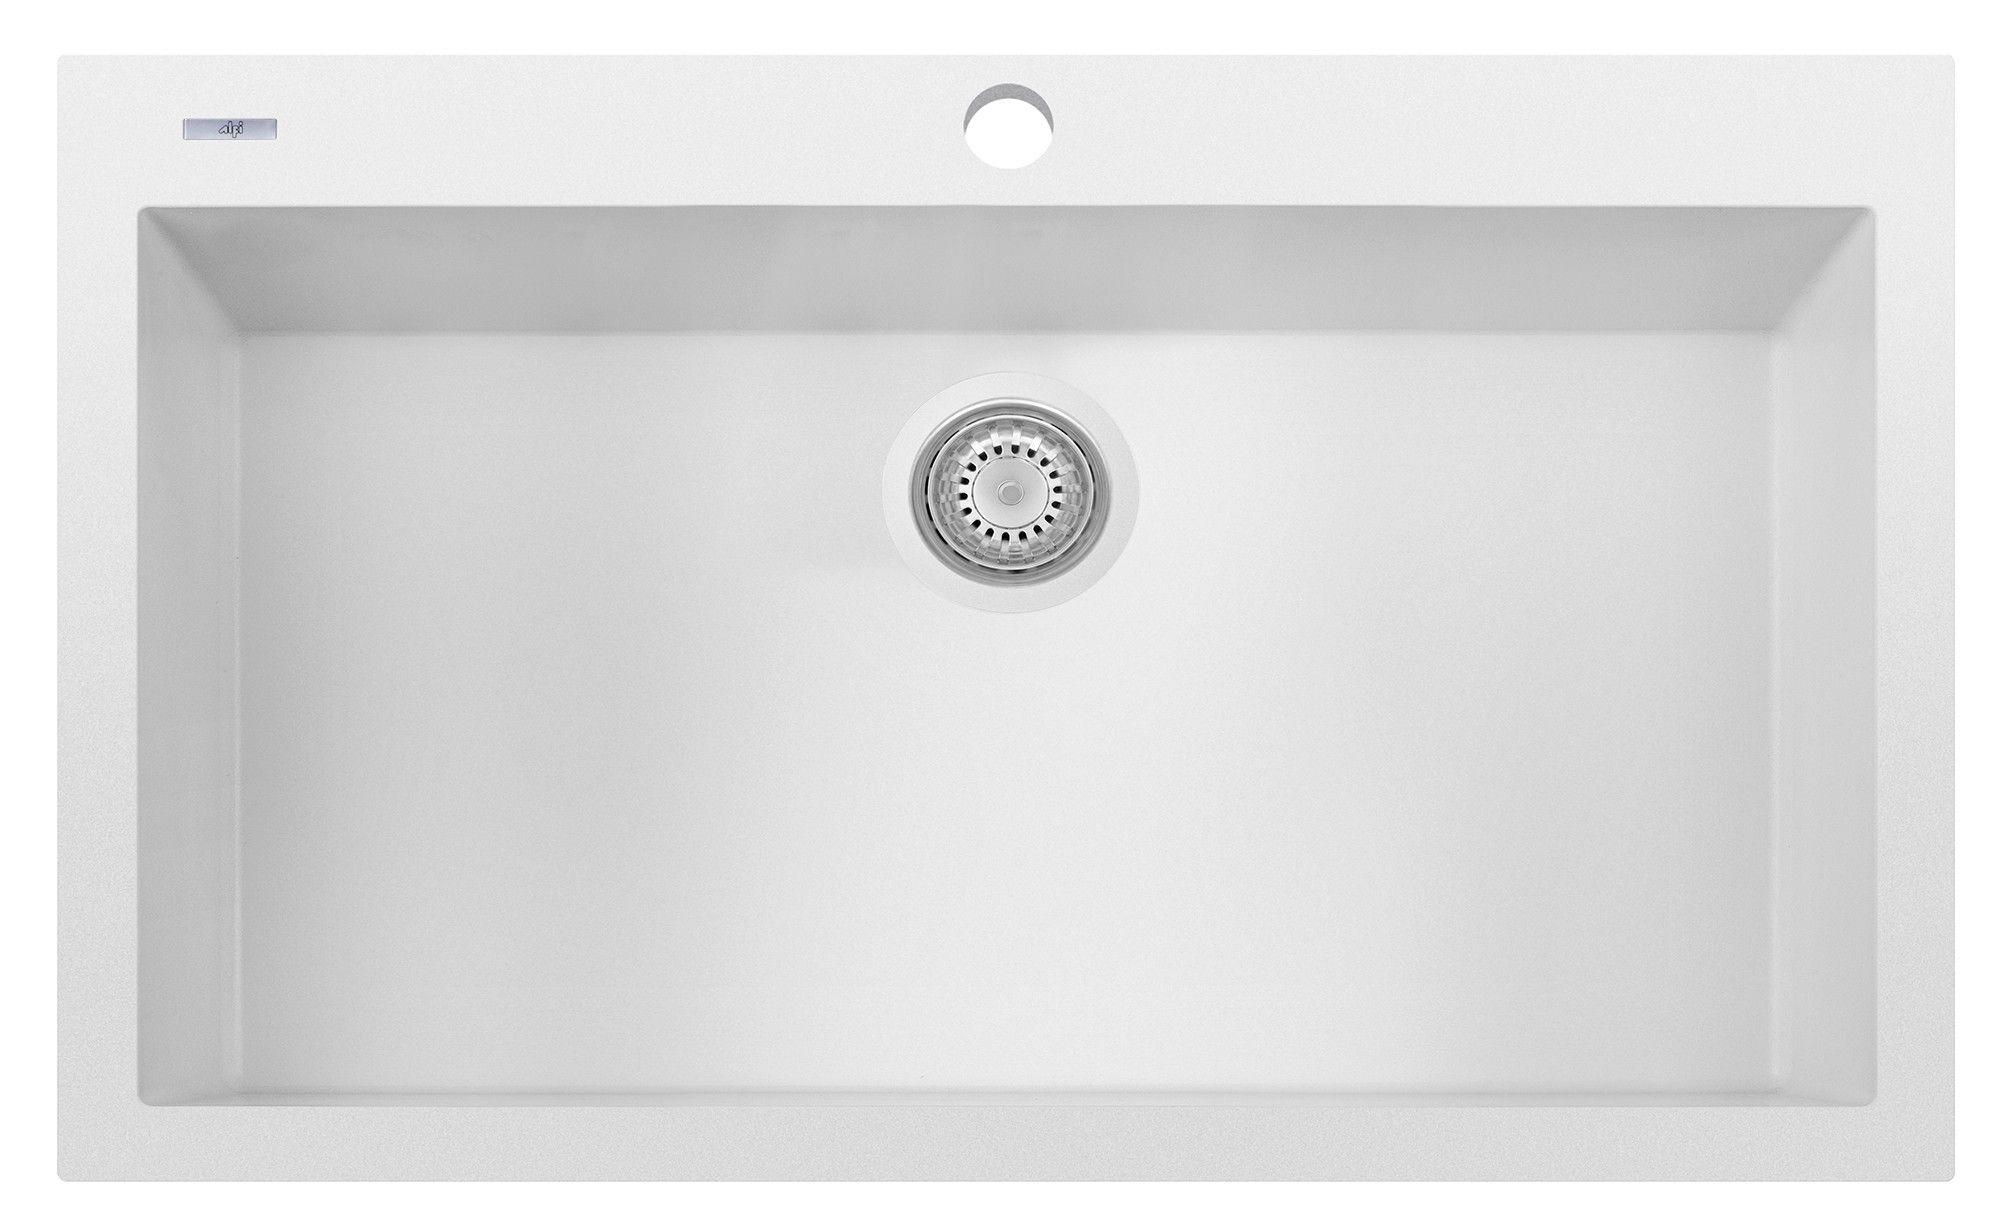 Alfi Brand Ab3322di W White 33 Single Bowl Drop In Granite